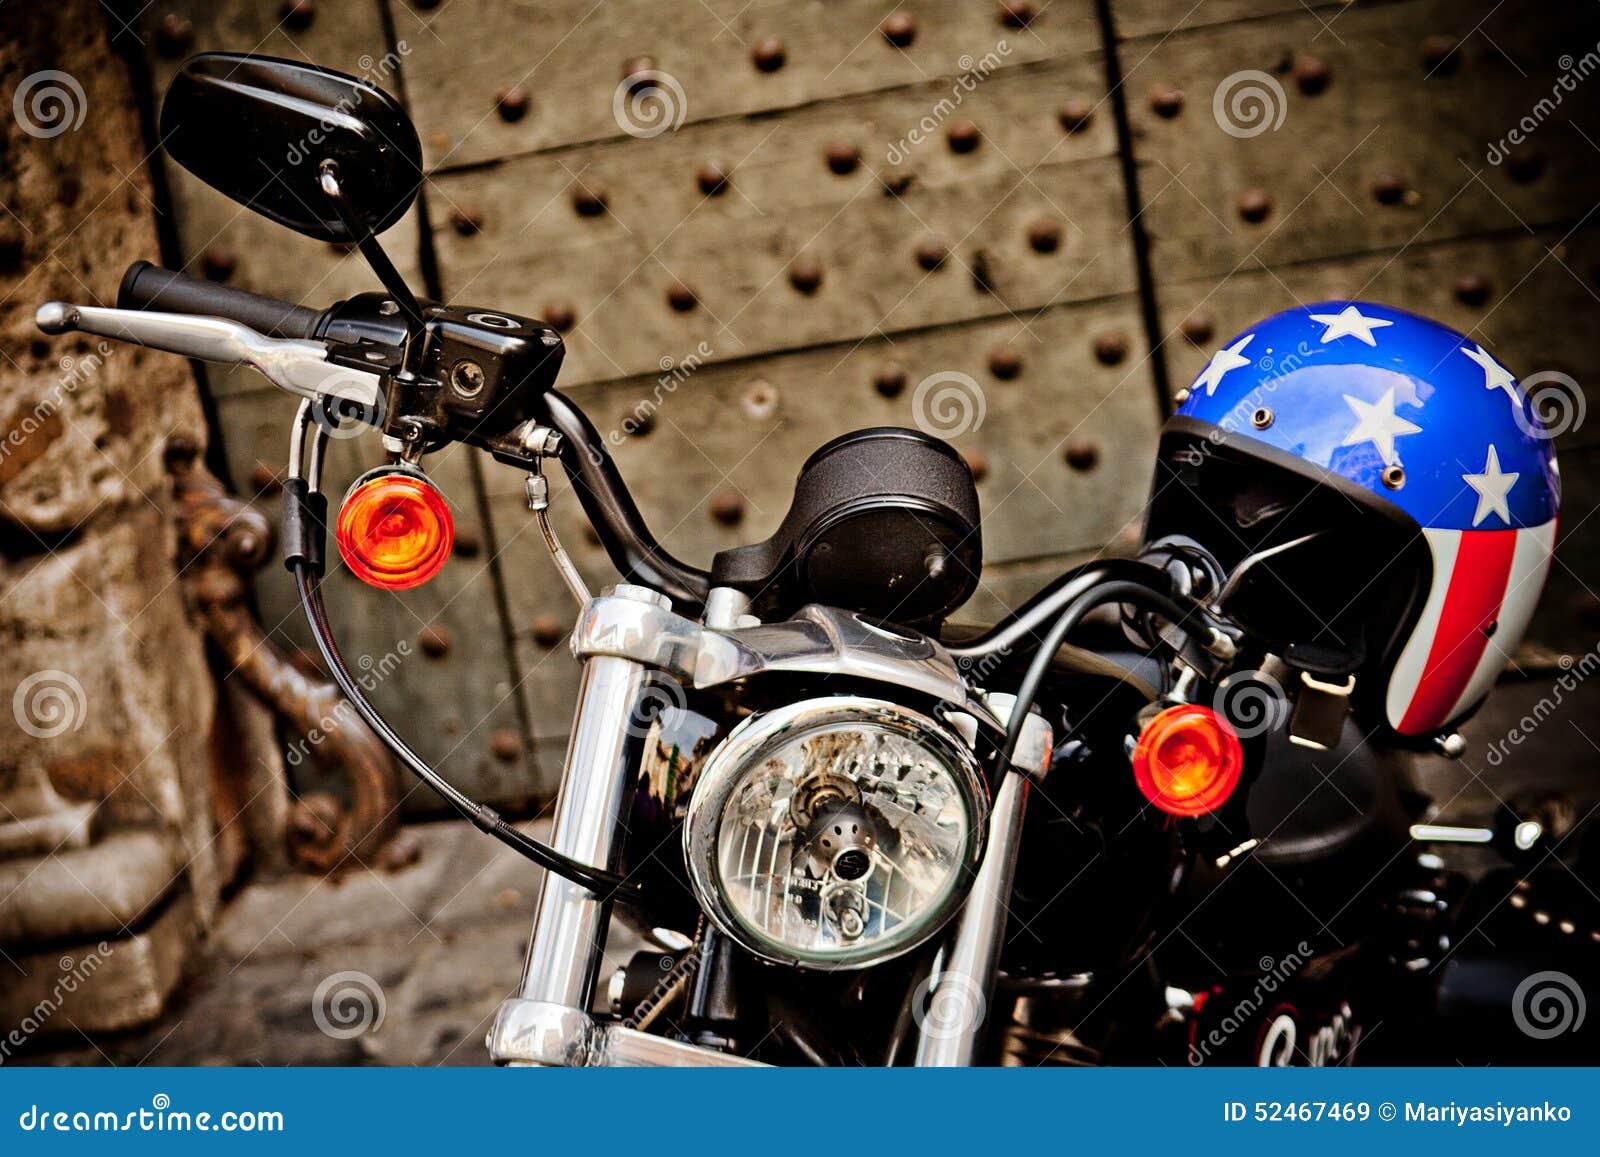 rome italie avril 25 moto harley davidson avec le casque avec le style de drapeau. Black Bedroom Furniture Sets. Home Design Ideas